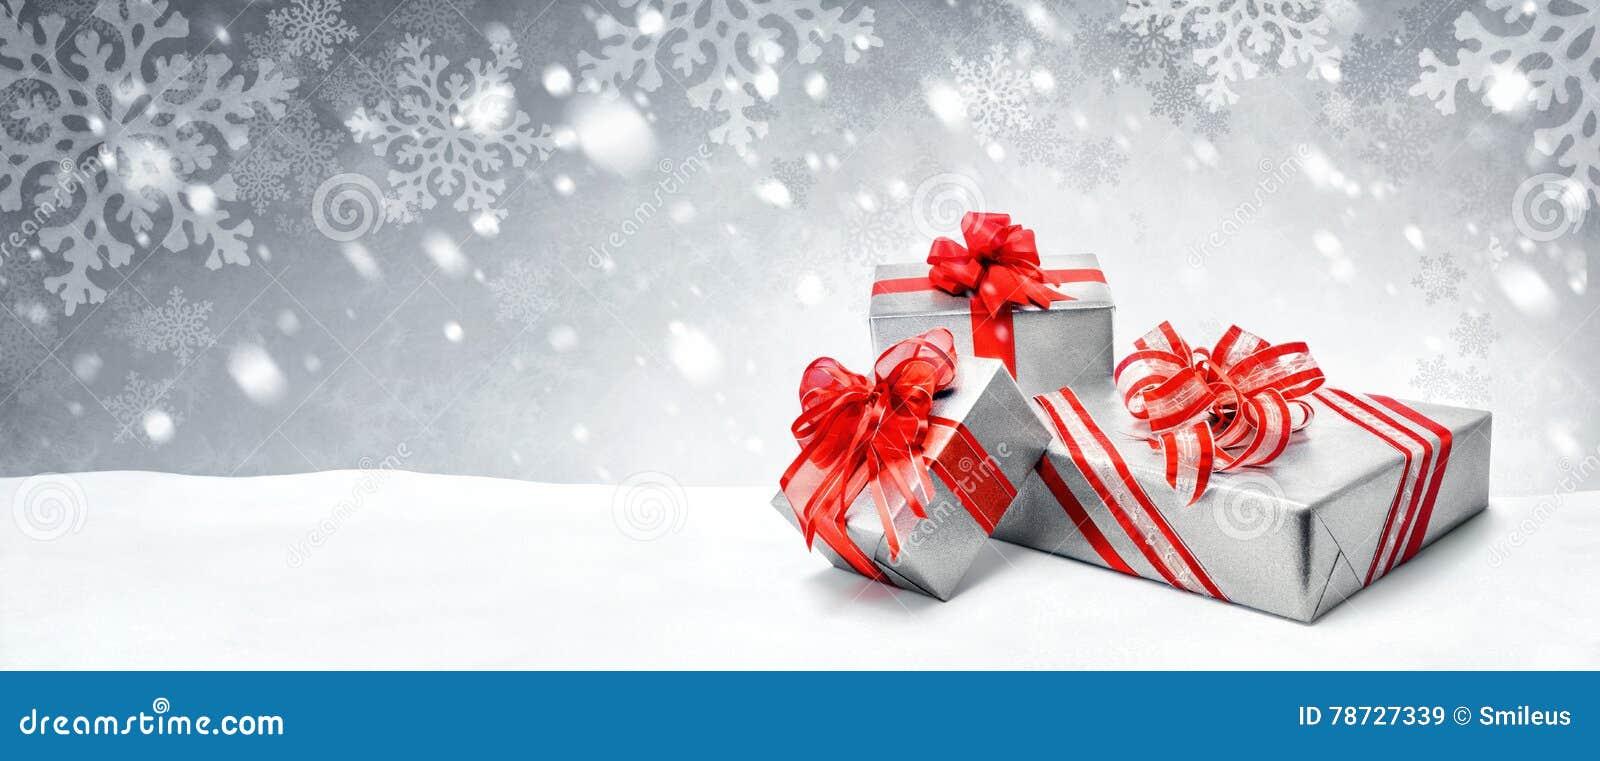 Julklappar på snöbakgrund